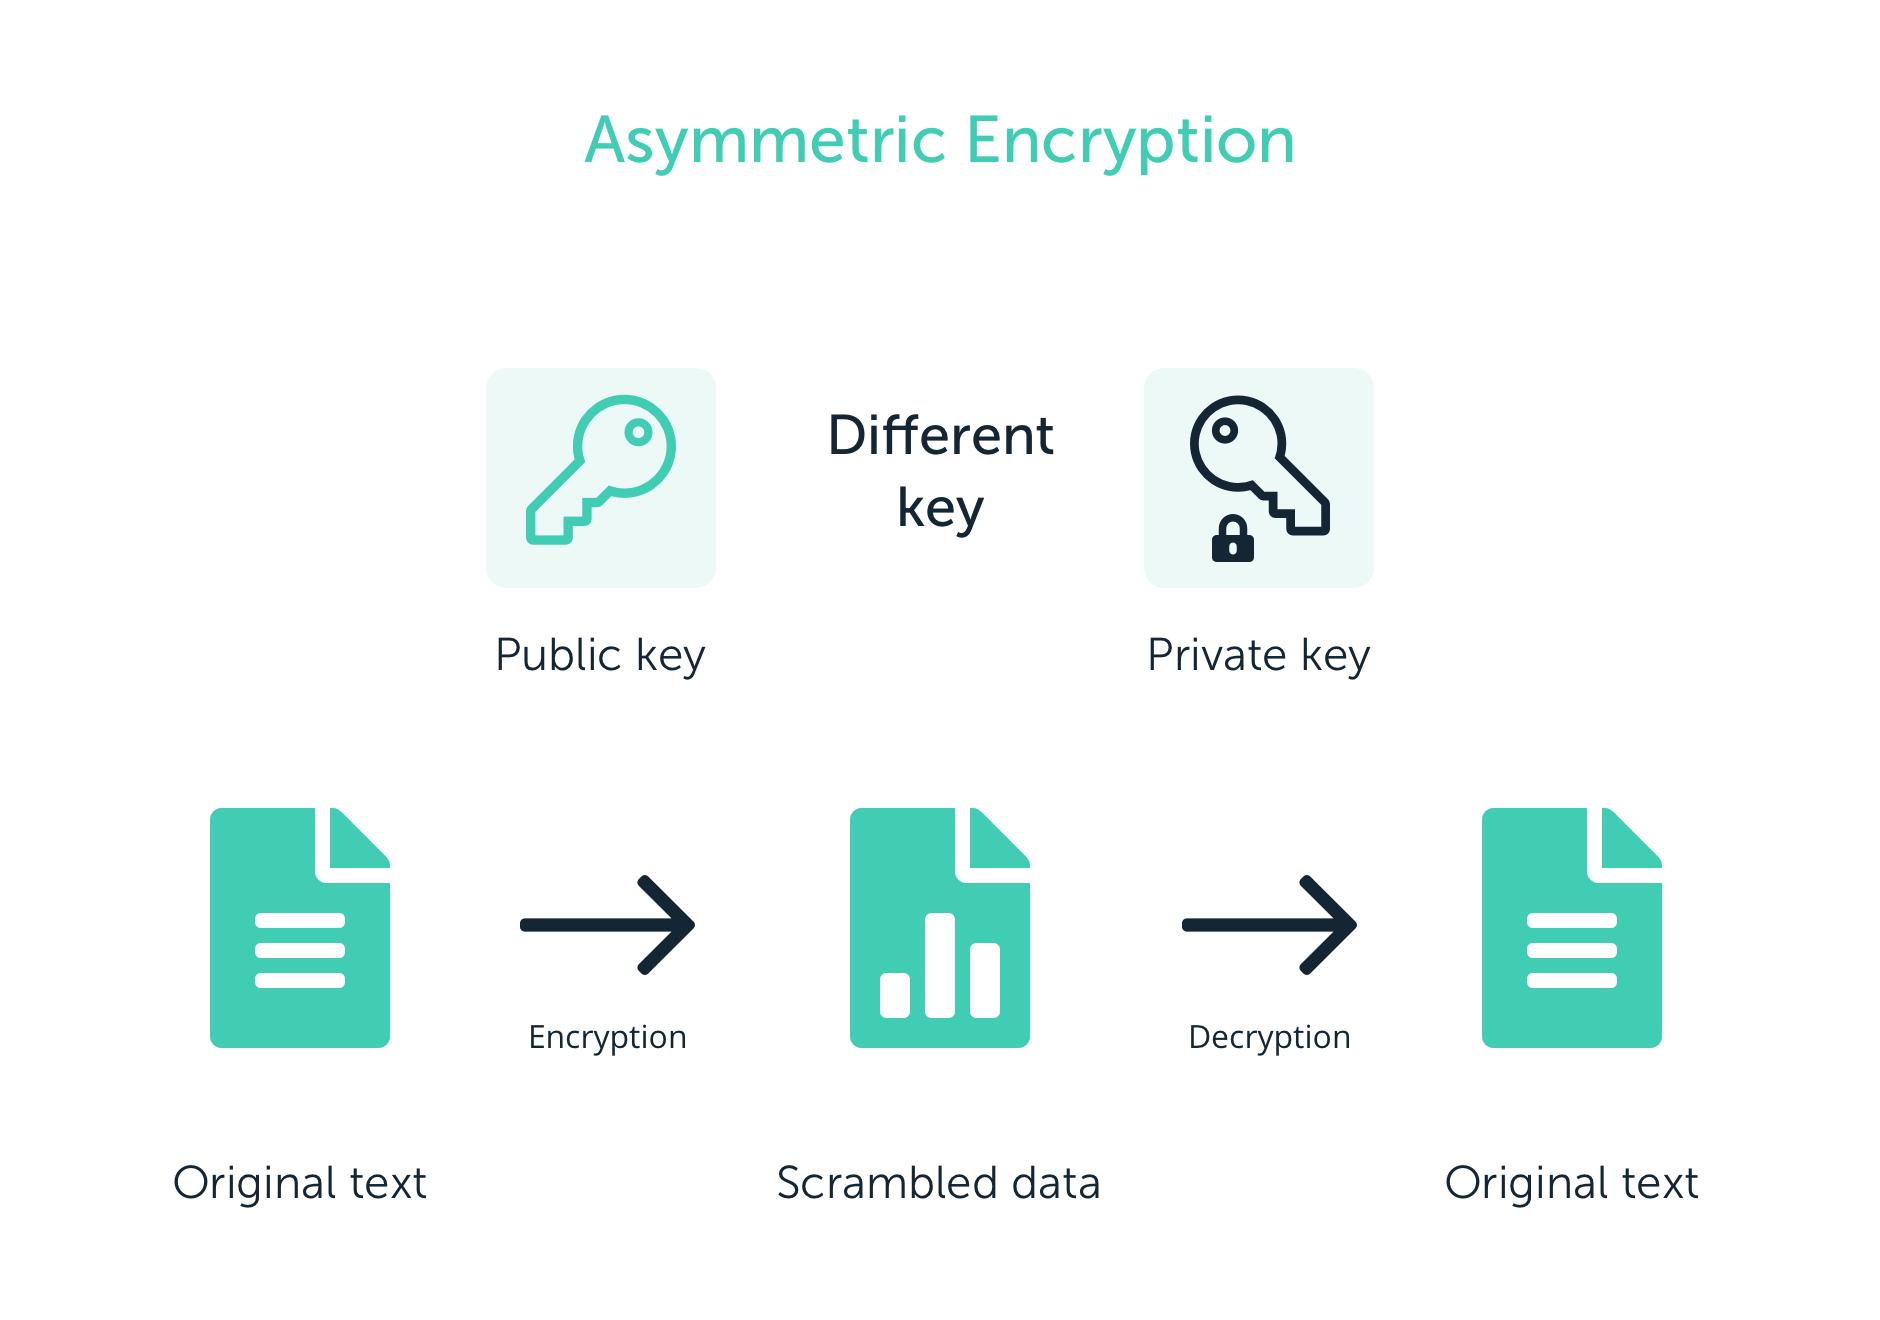 کلید خصوصی کلید عمومی